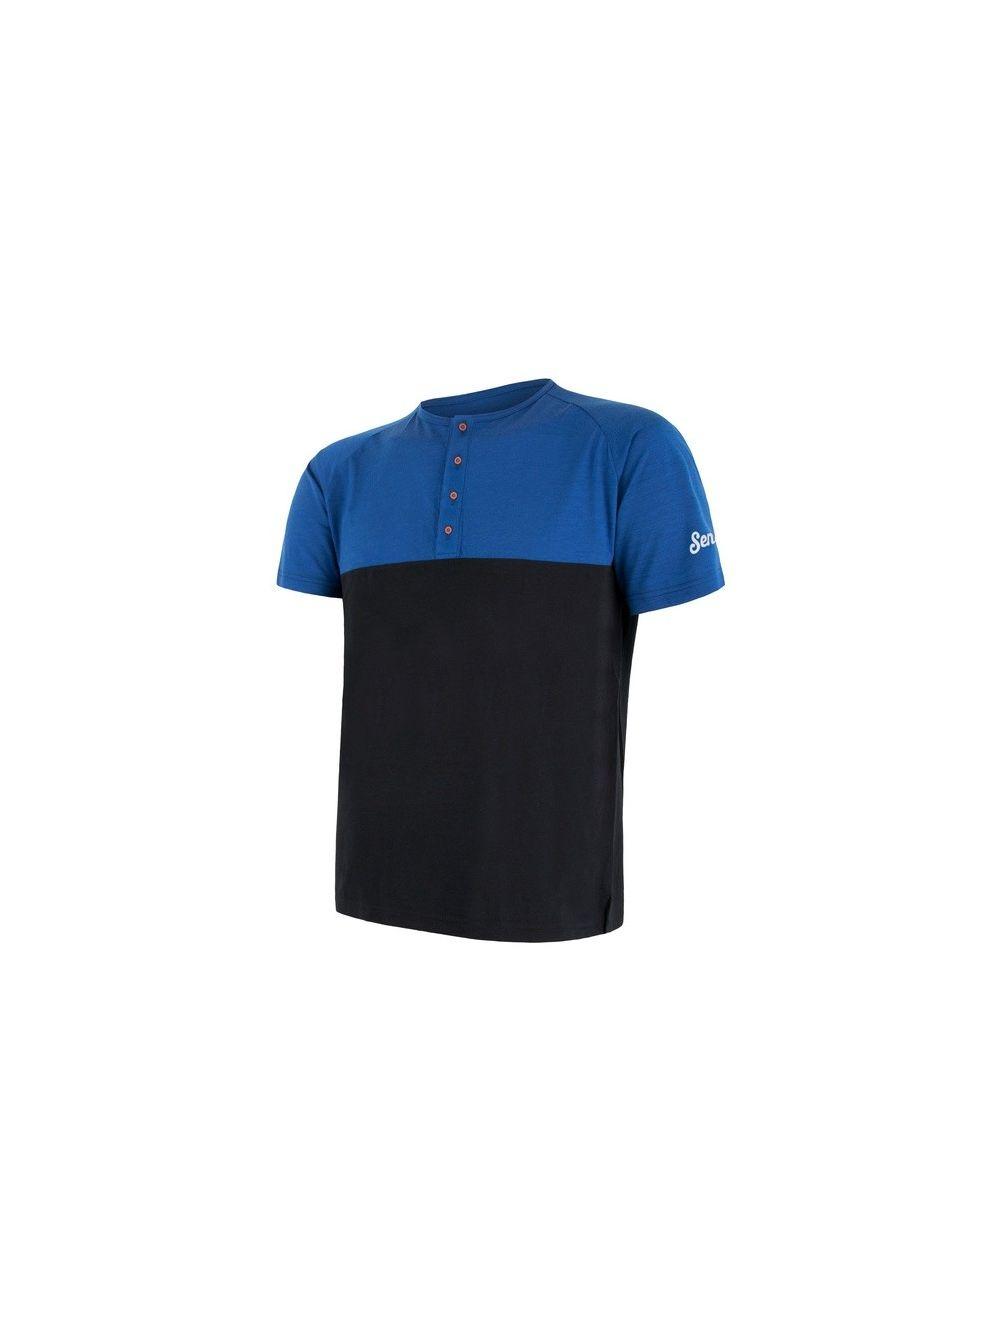 SENSOR Termoaktywna koszulka męska MERINO AIR PT TEE SS BUTTON